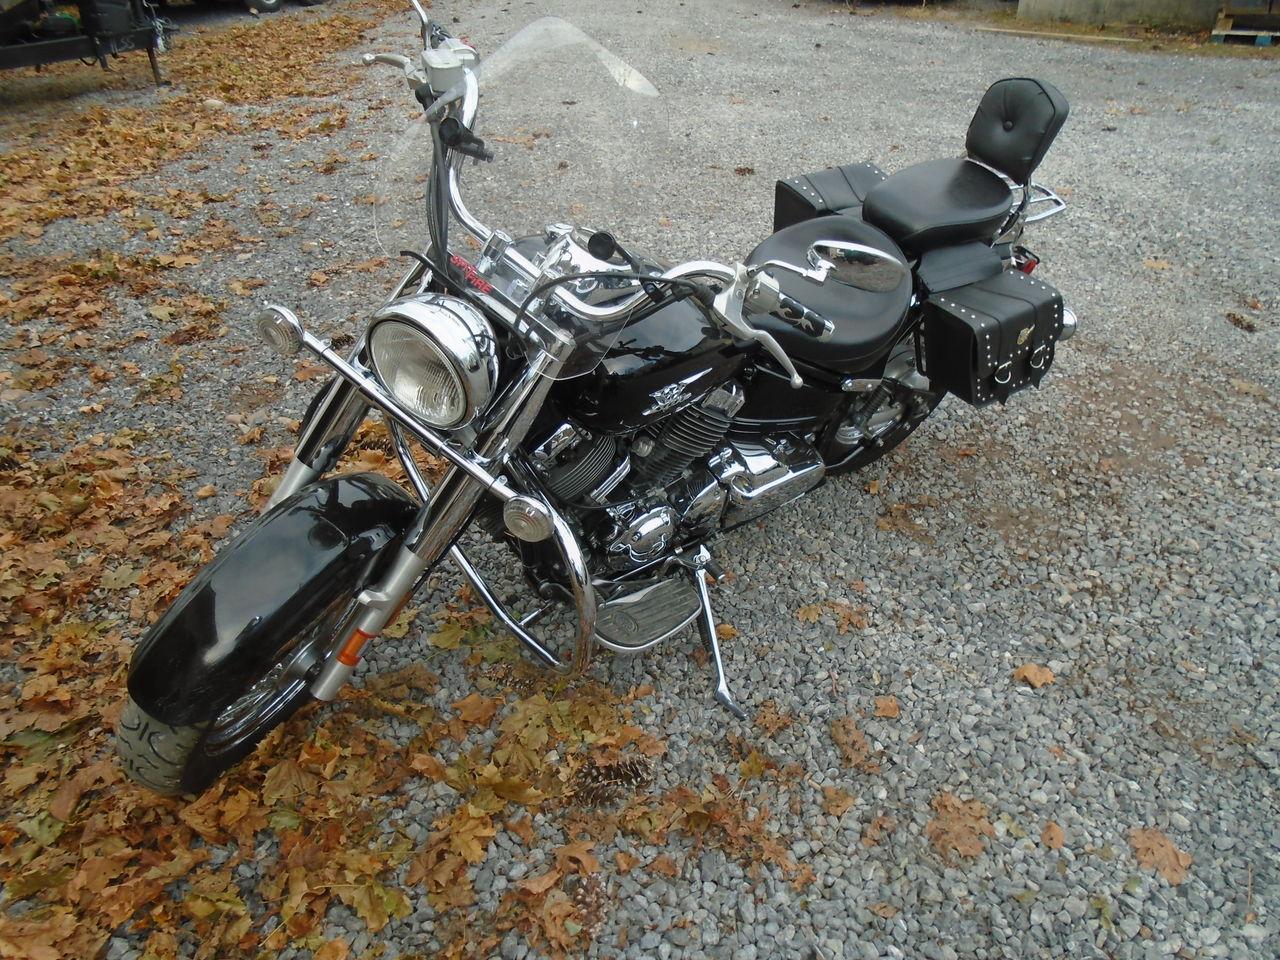 2007 Yamaha V-Star 650cc Classic